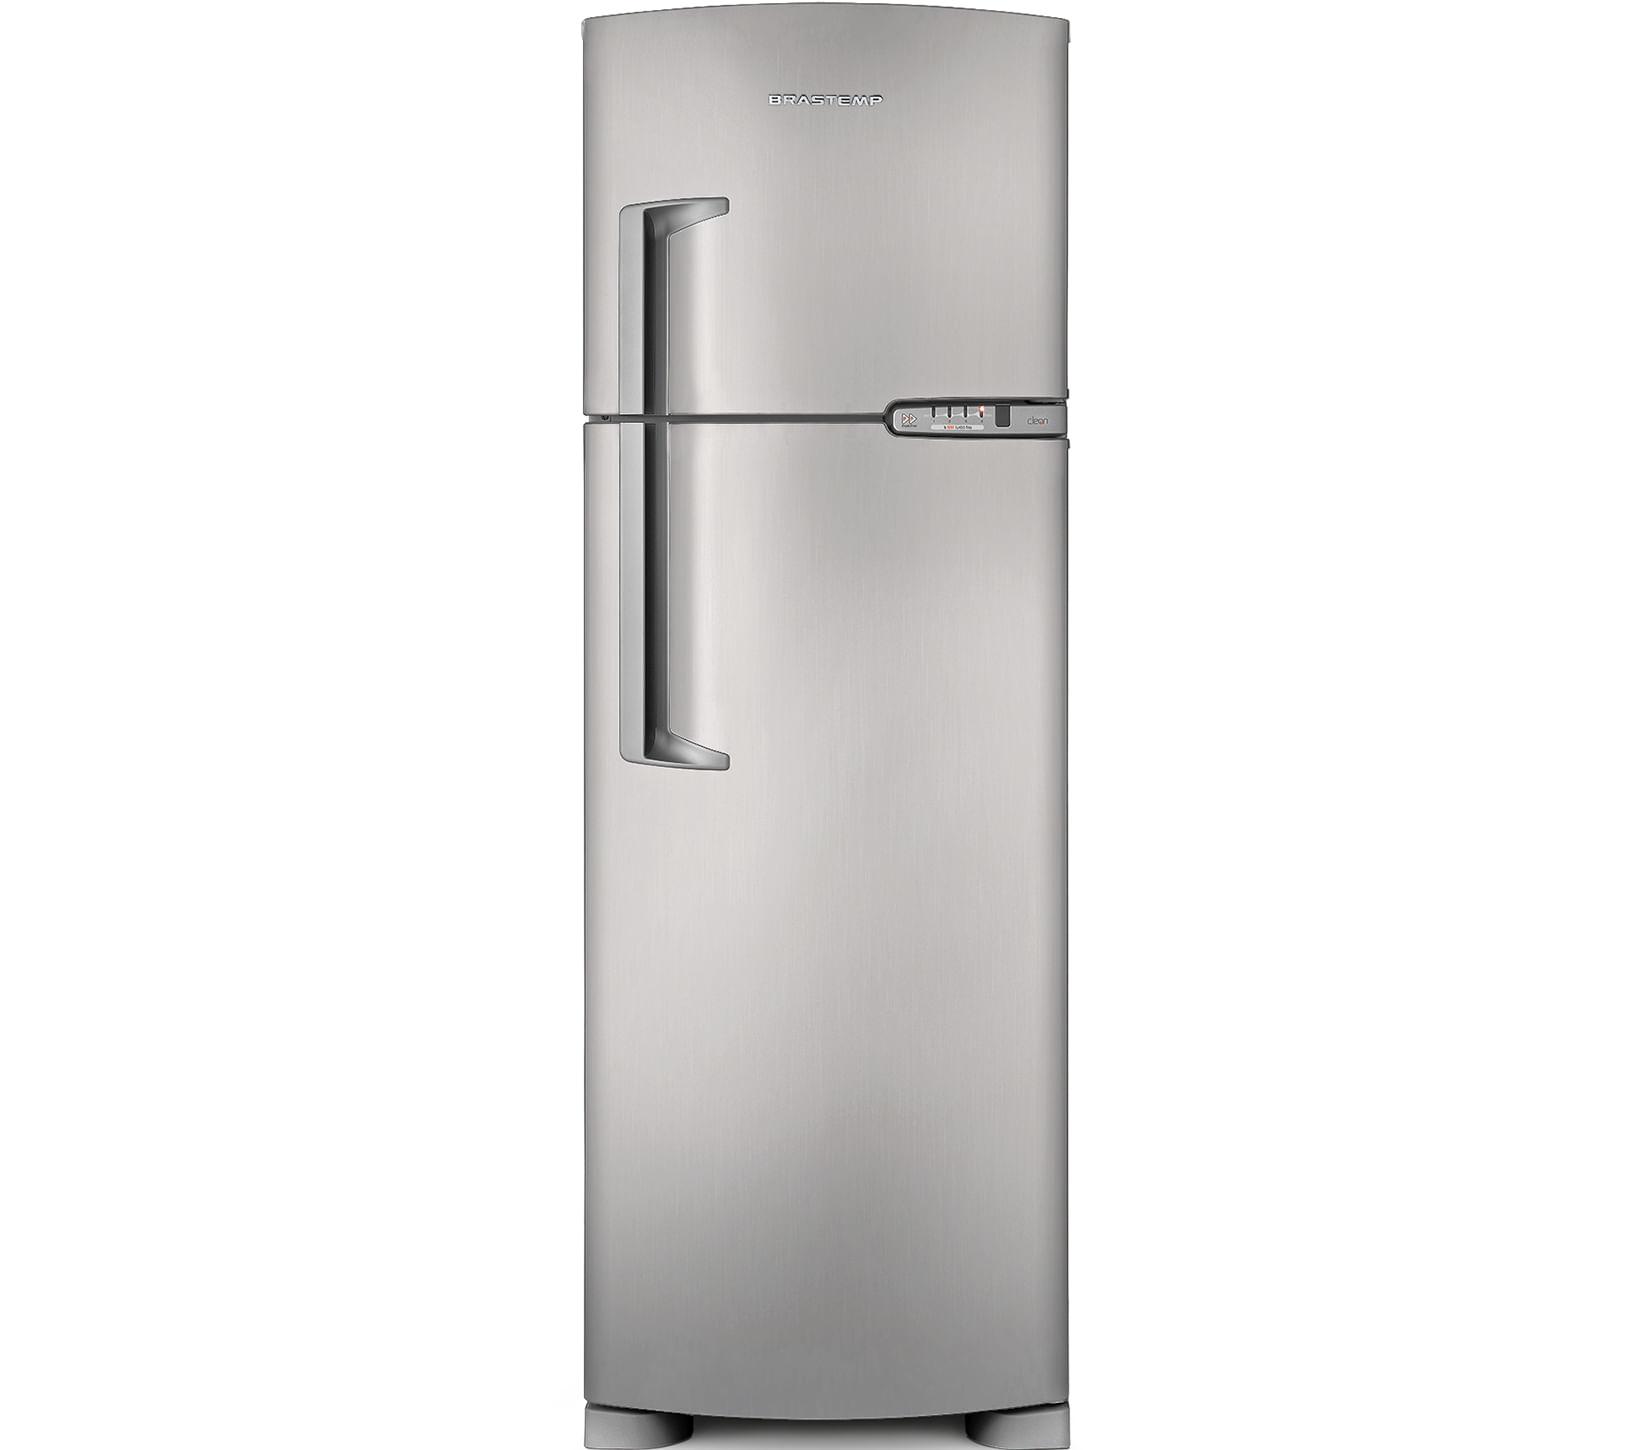 Geladeira/refrigerador 378 Litros 2 Portas Platinum Clean - Brastemp - 220v - Brm42ekbna